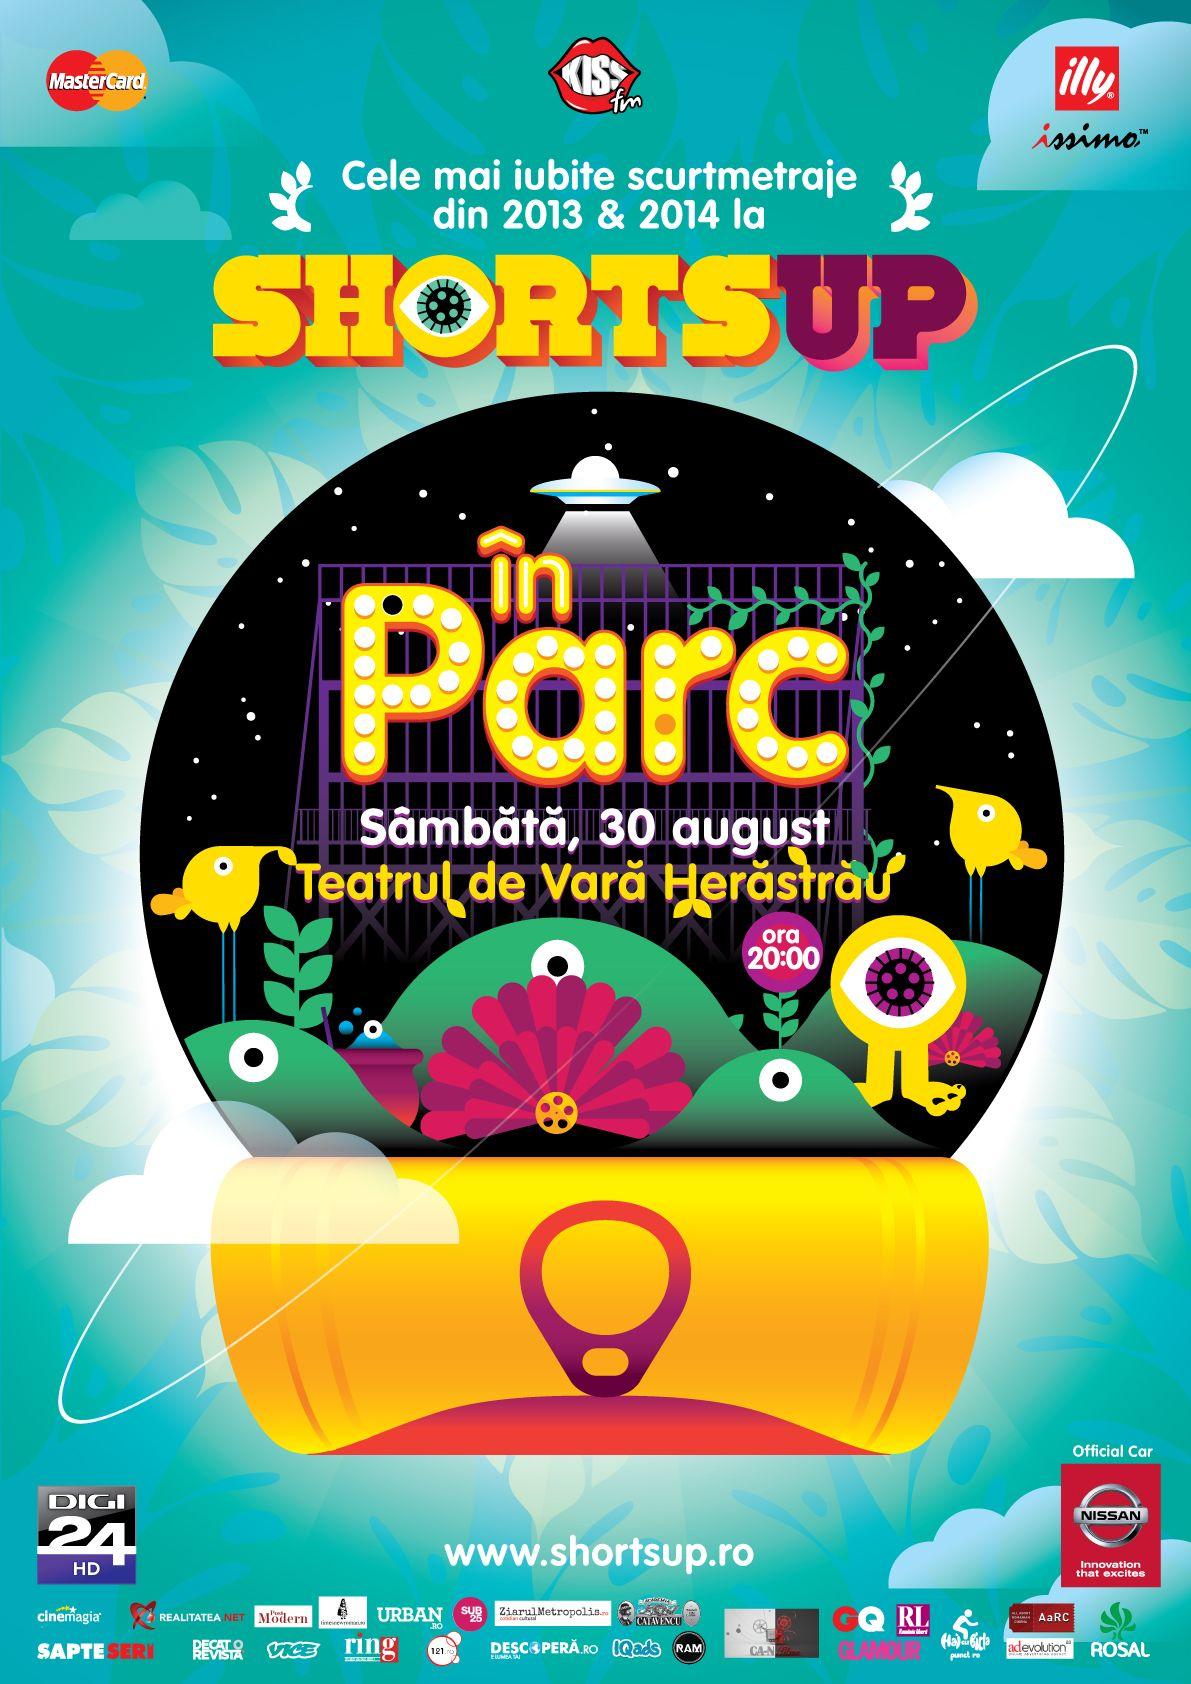 O selecție Best Of cu cele mai populare scurtmetraje din ultimii doi ani @ ShortsUP în Herăstrău